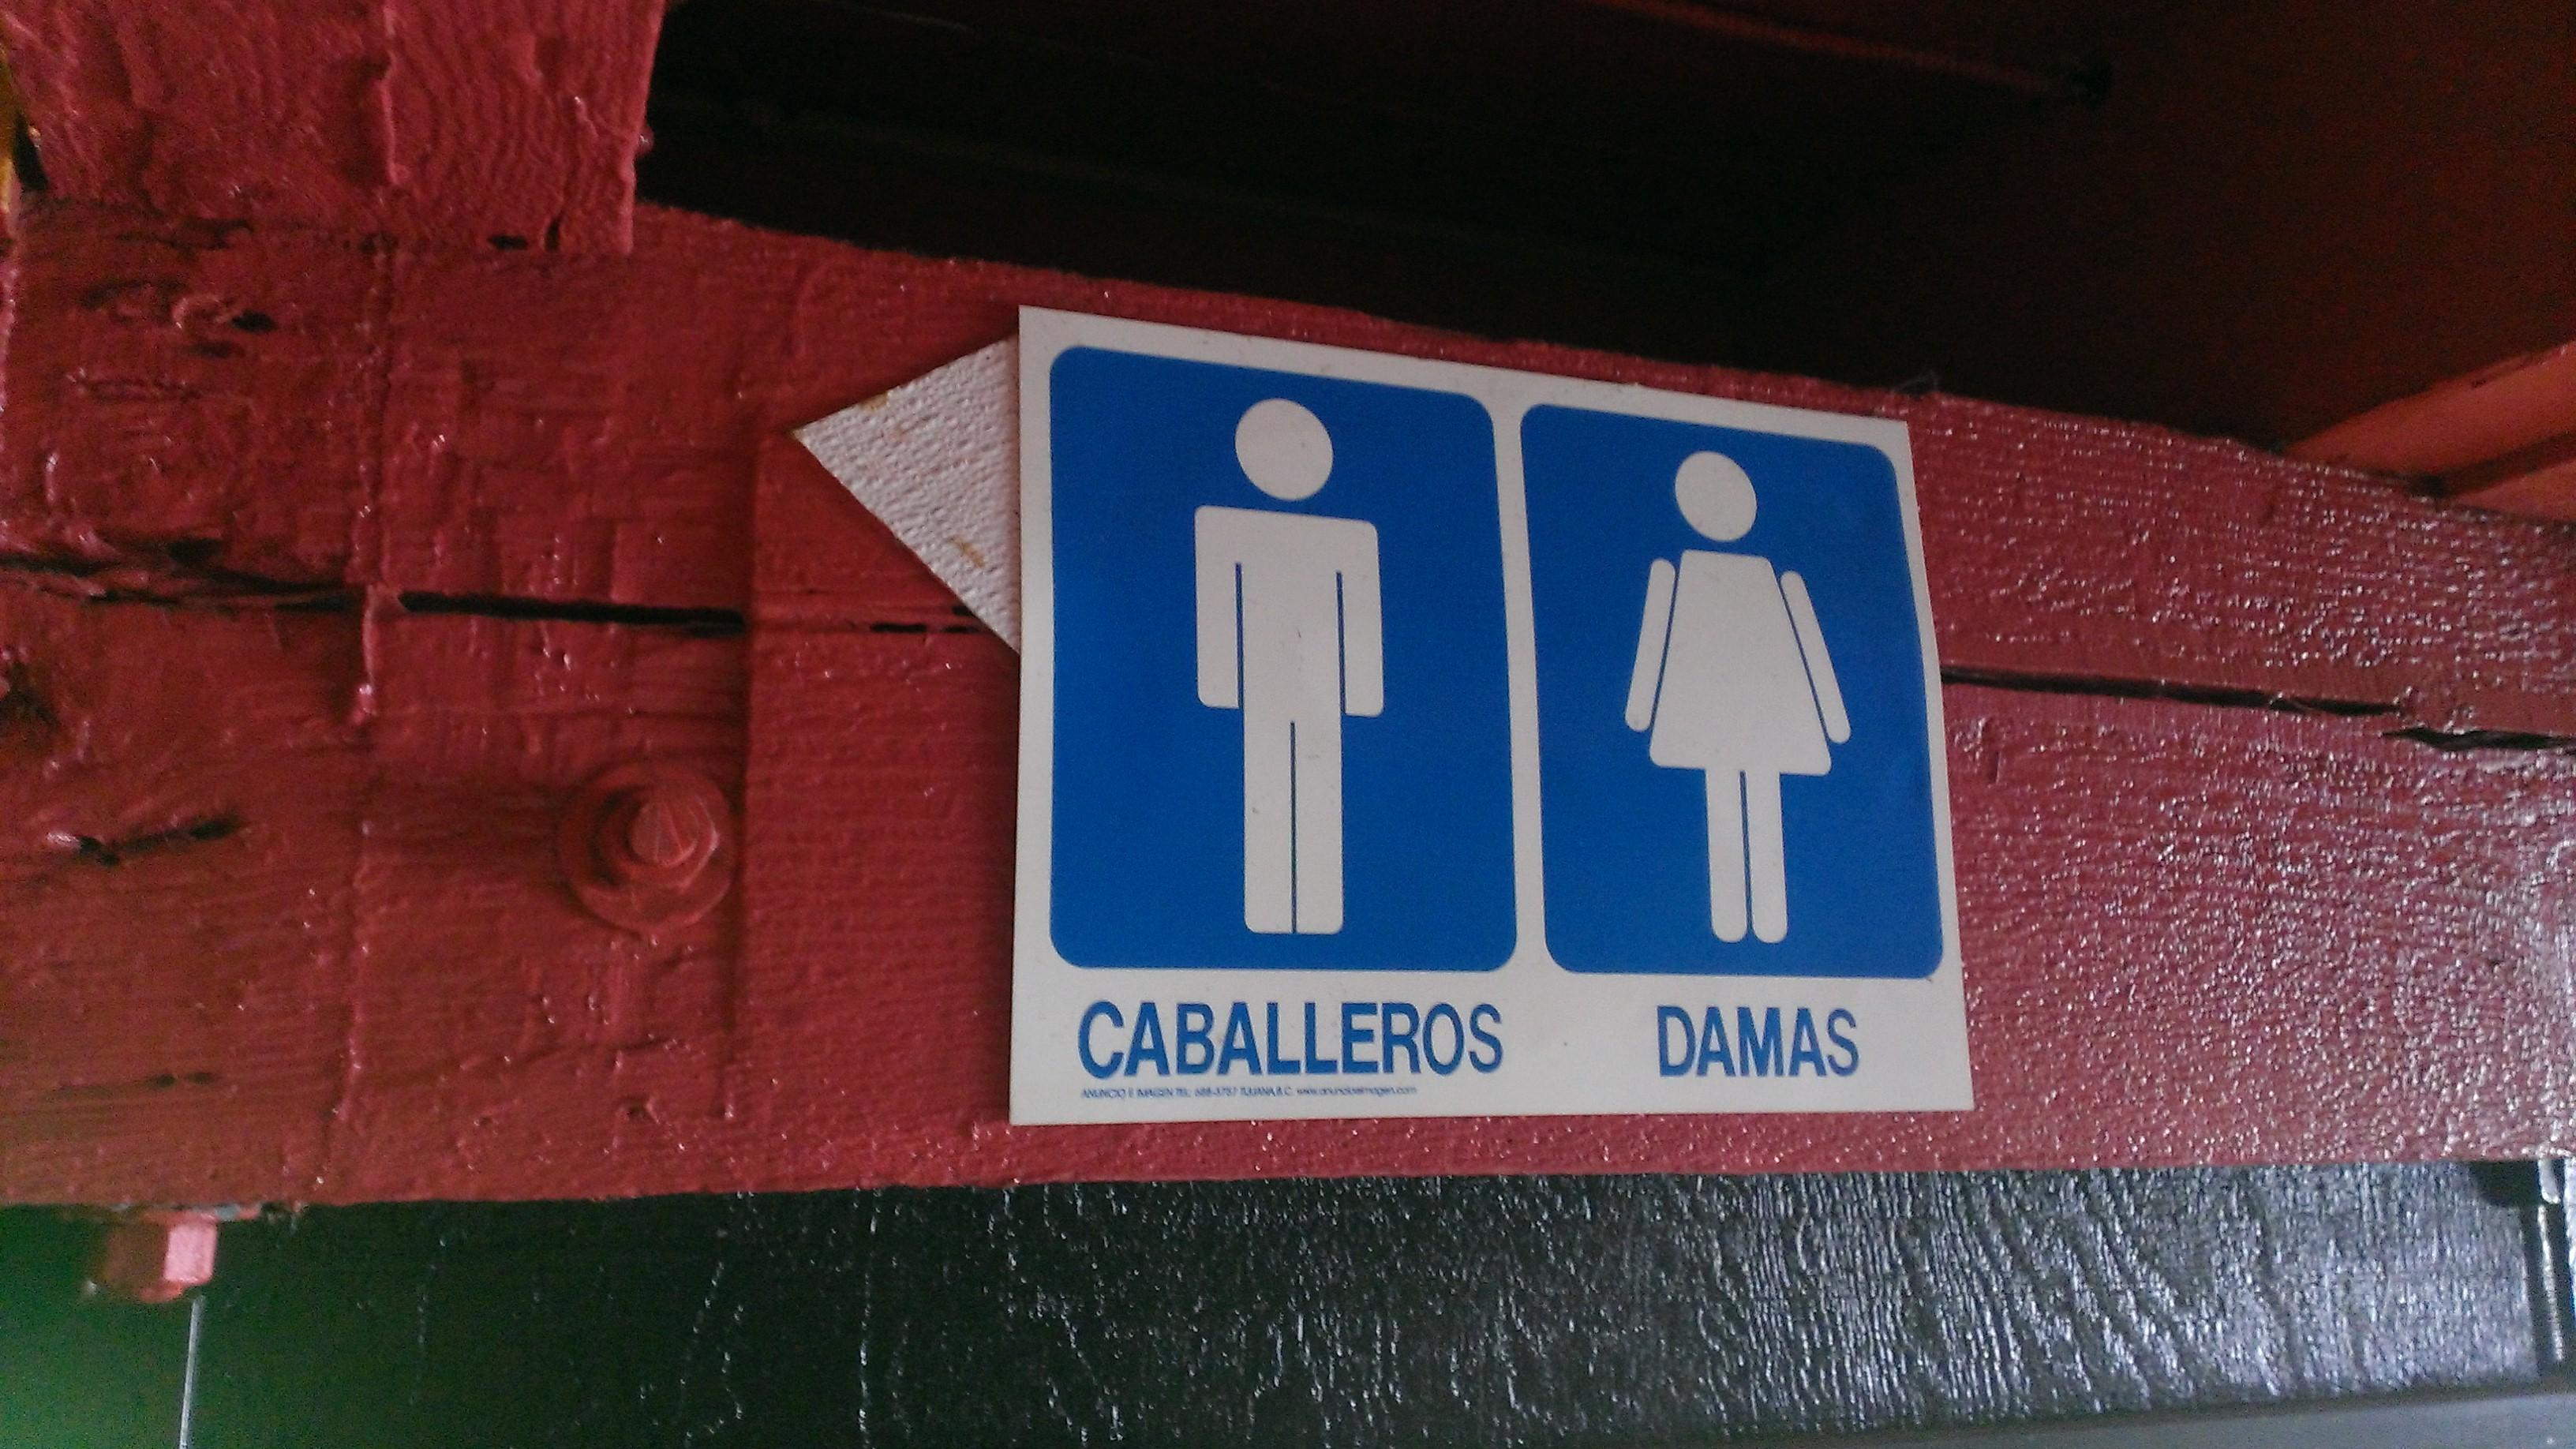 Bathroom Signs Spanish no public bathroom signs